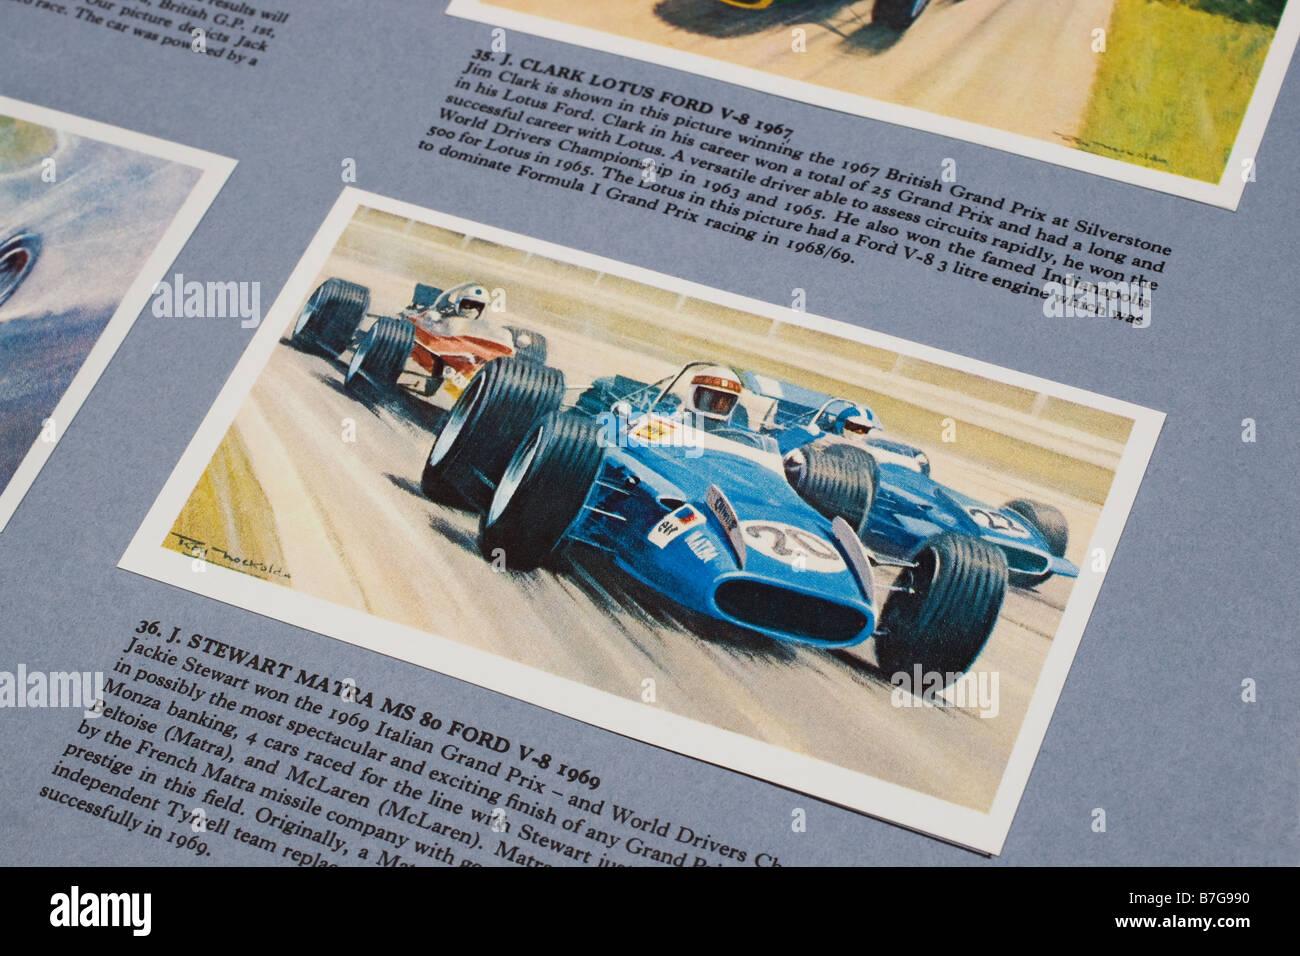 Bildkarte von Jackie Stewarts Matra MS 80 Ford aus der Geschichte des Grand Prix Motor Racing Mobile Erdöl Stockbild